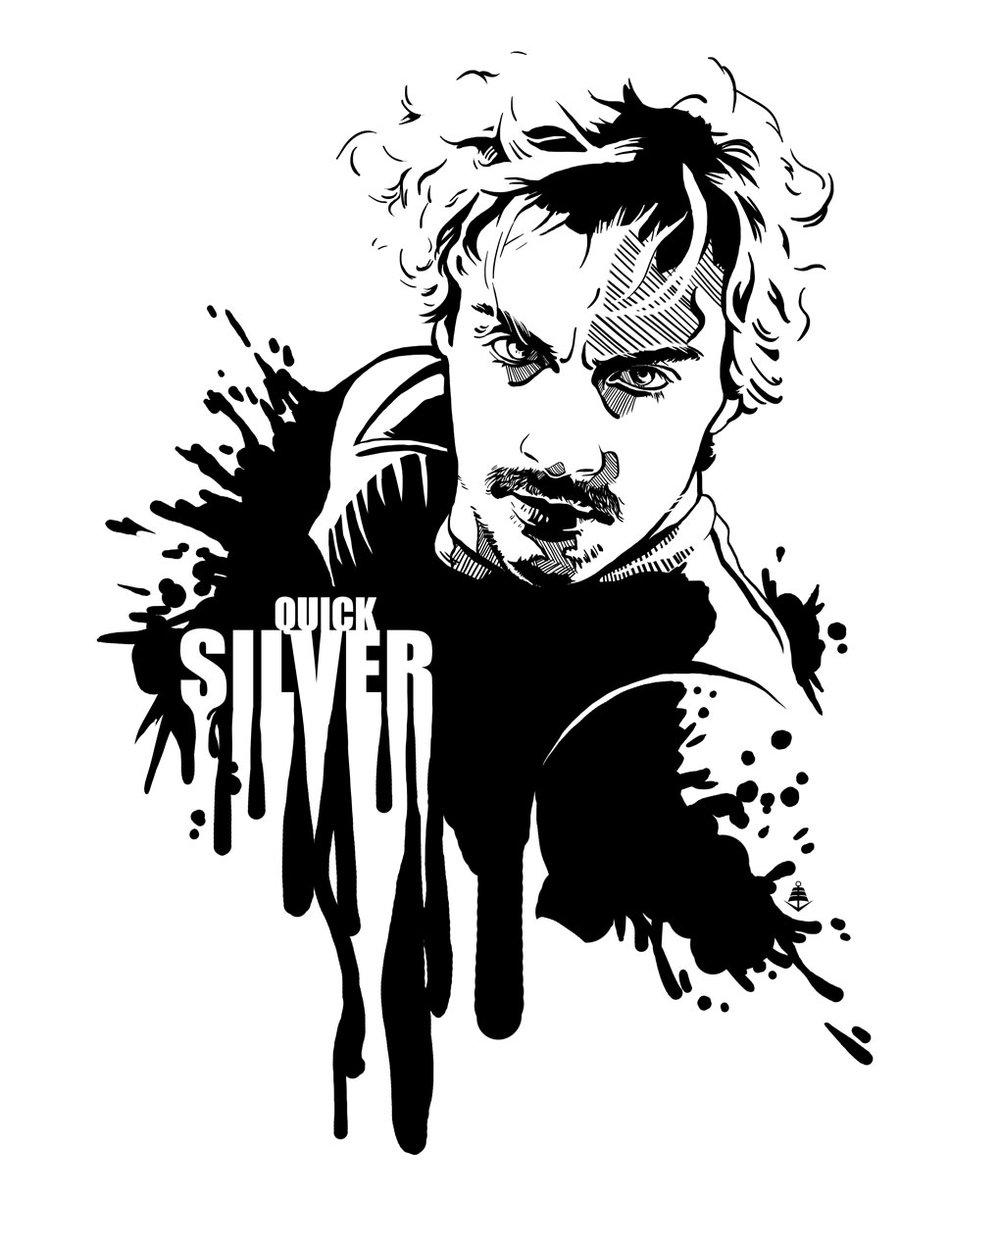 AvengersInInk-Quicksilver.jpg